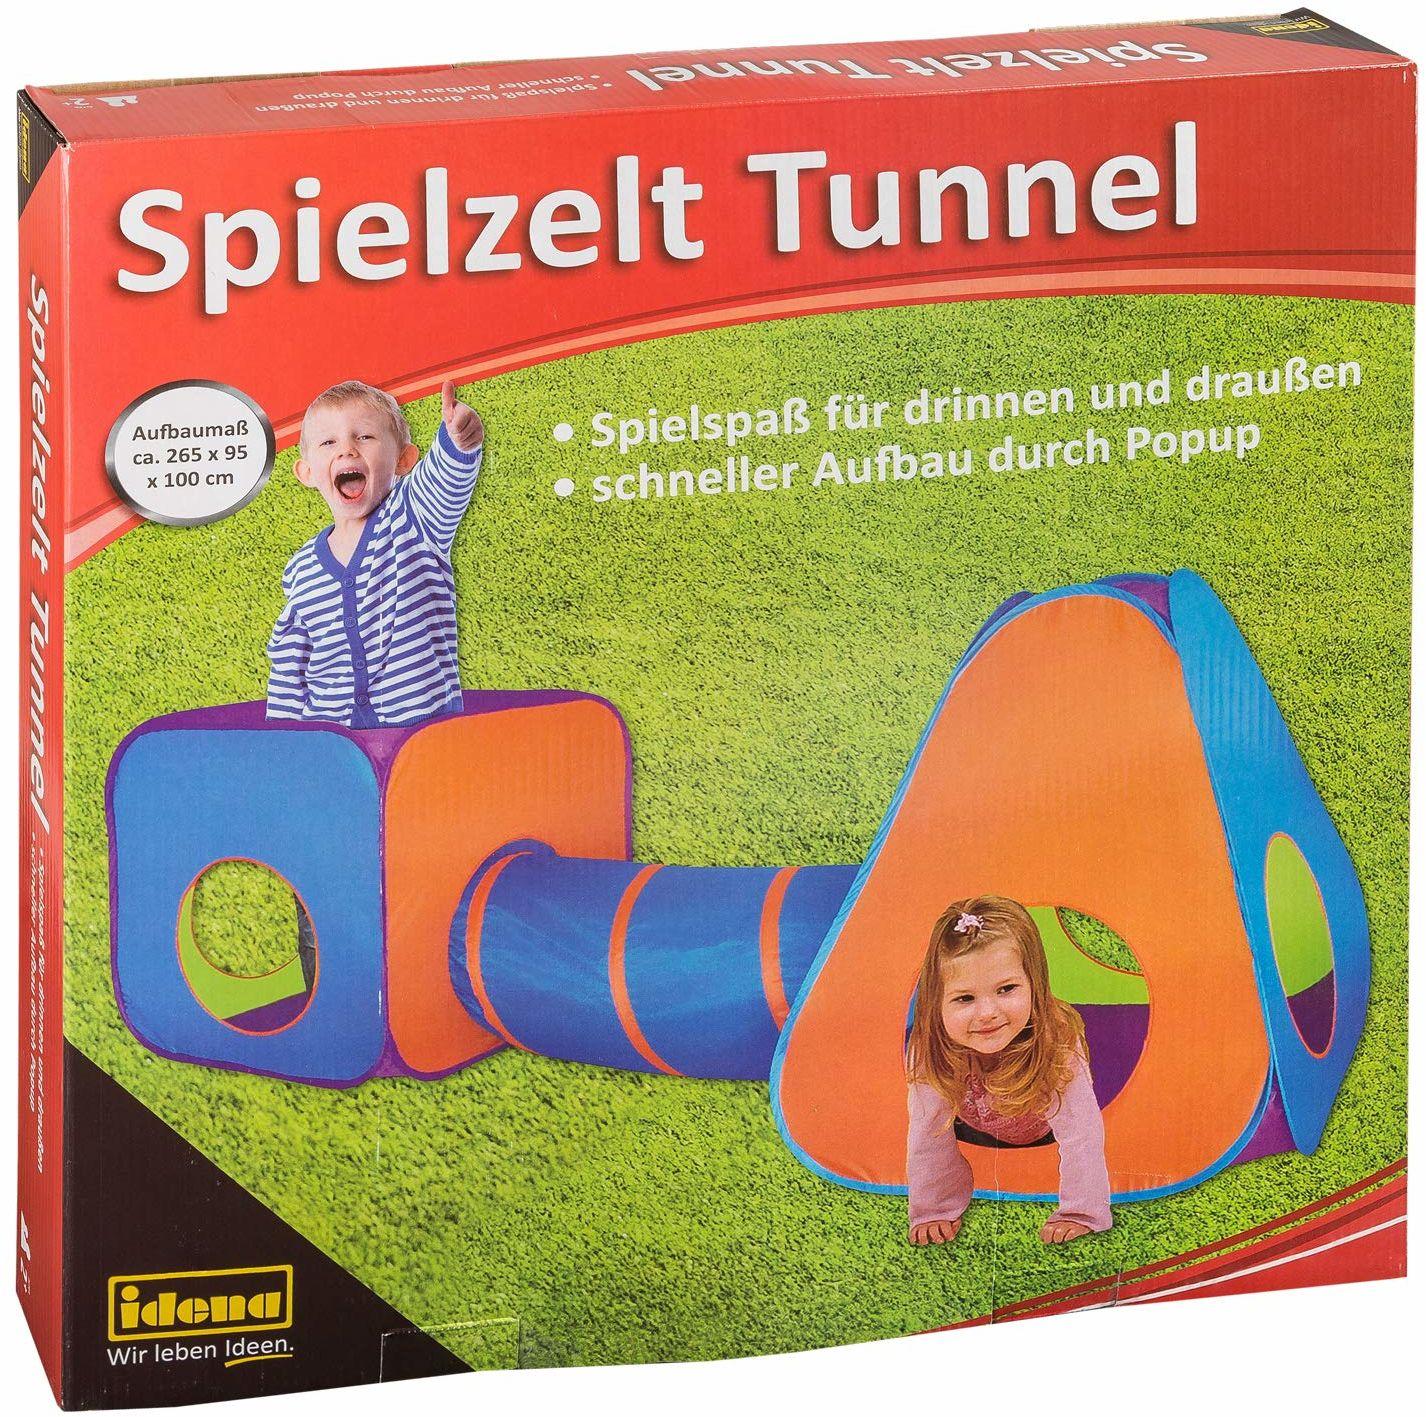 Idena 40118  namiot do zabawy z tunelem dla dzieci, nadaje się do użytku wewnątrz i na zewnątrz, ok. 265 x 95 x 100 cm